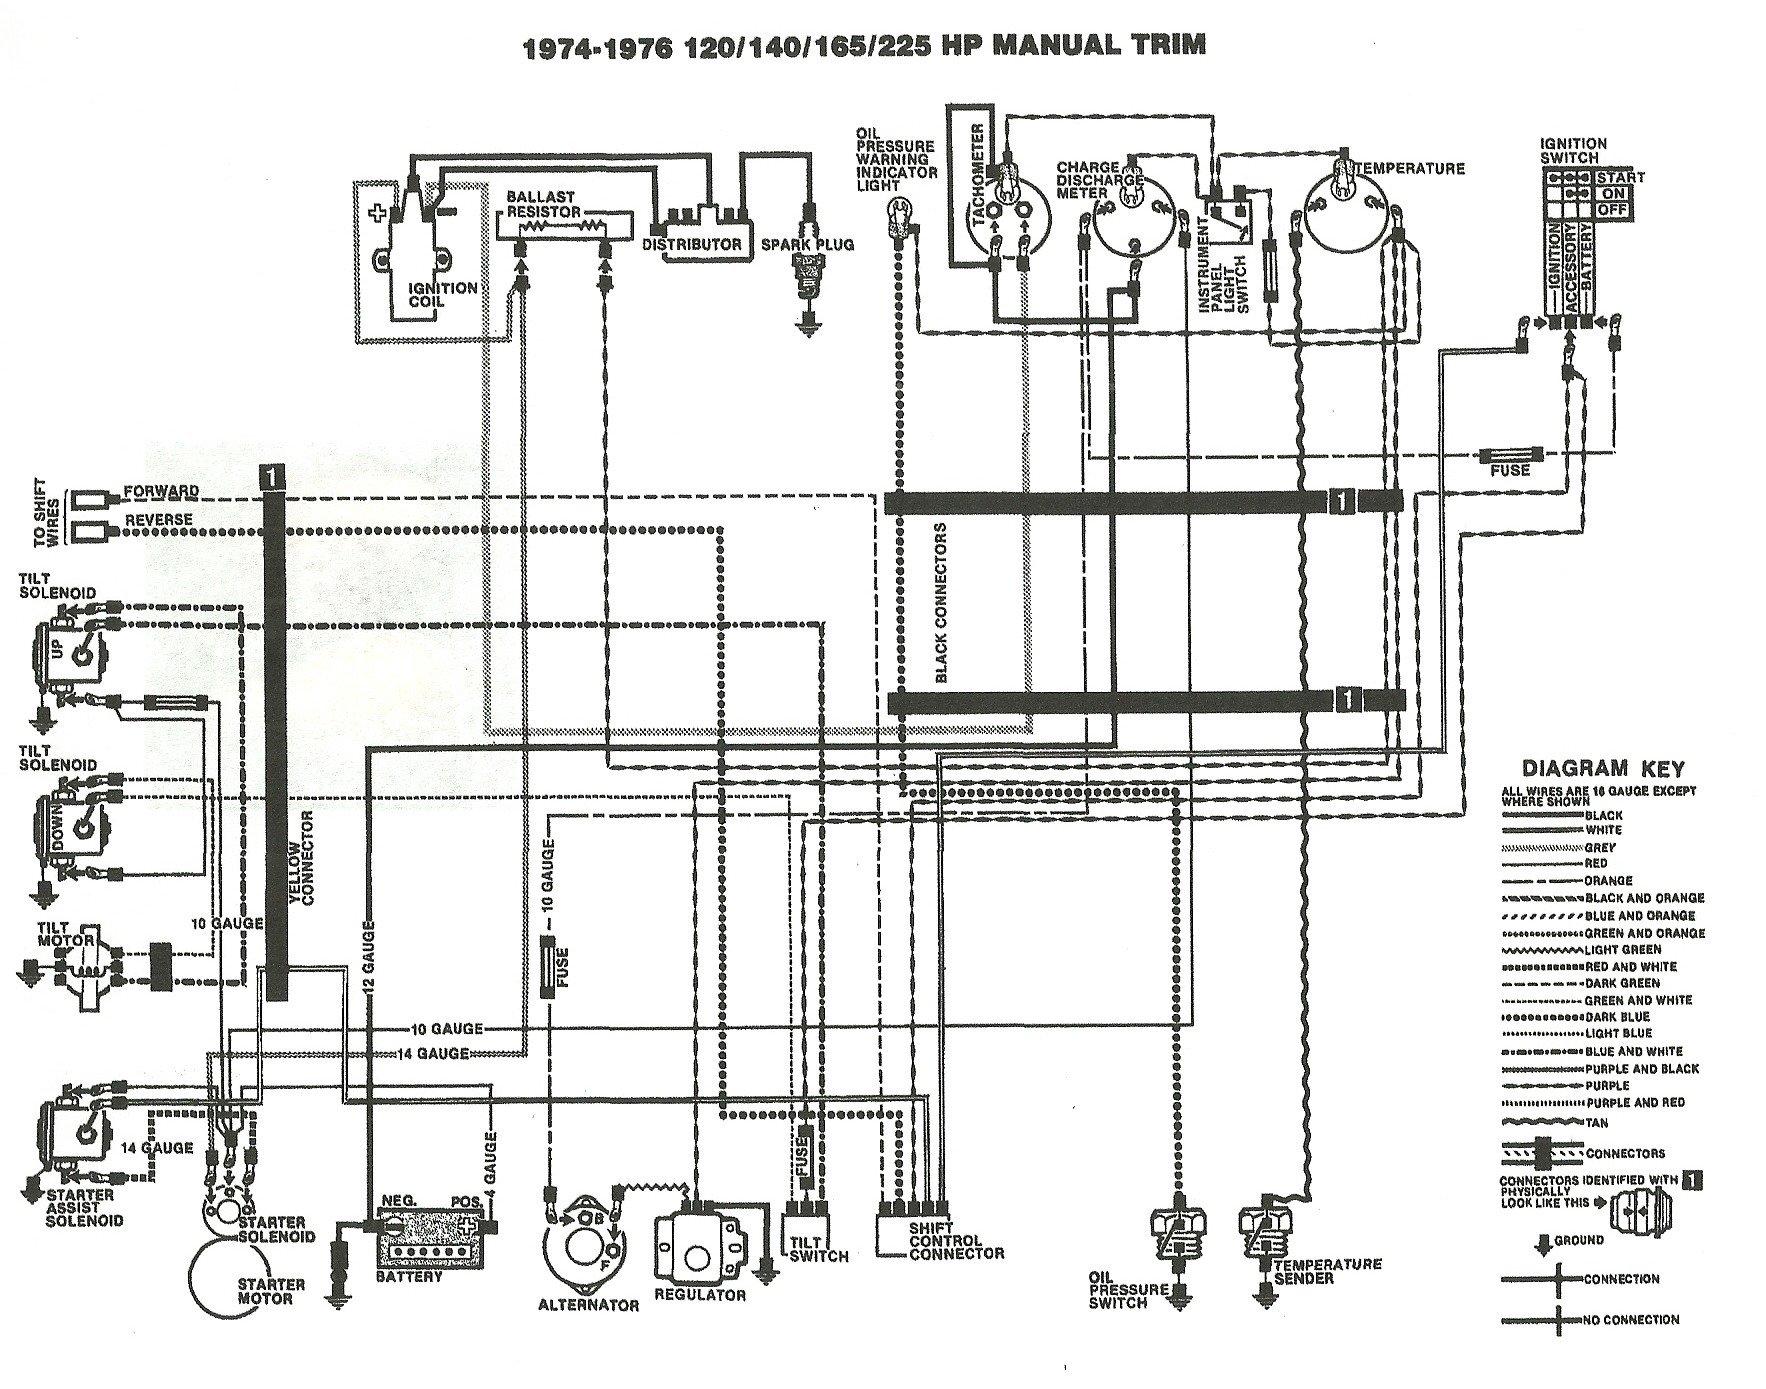 mercruiser 165 inline 6 manual